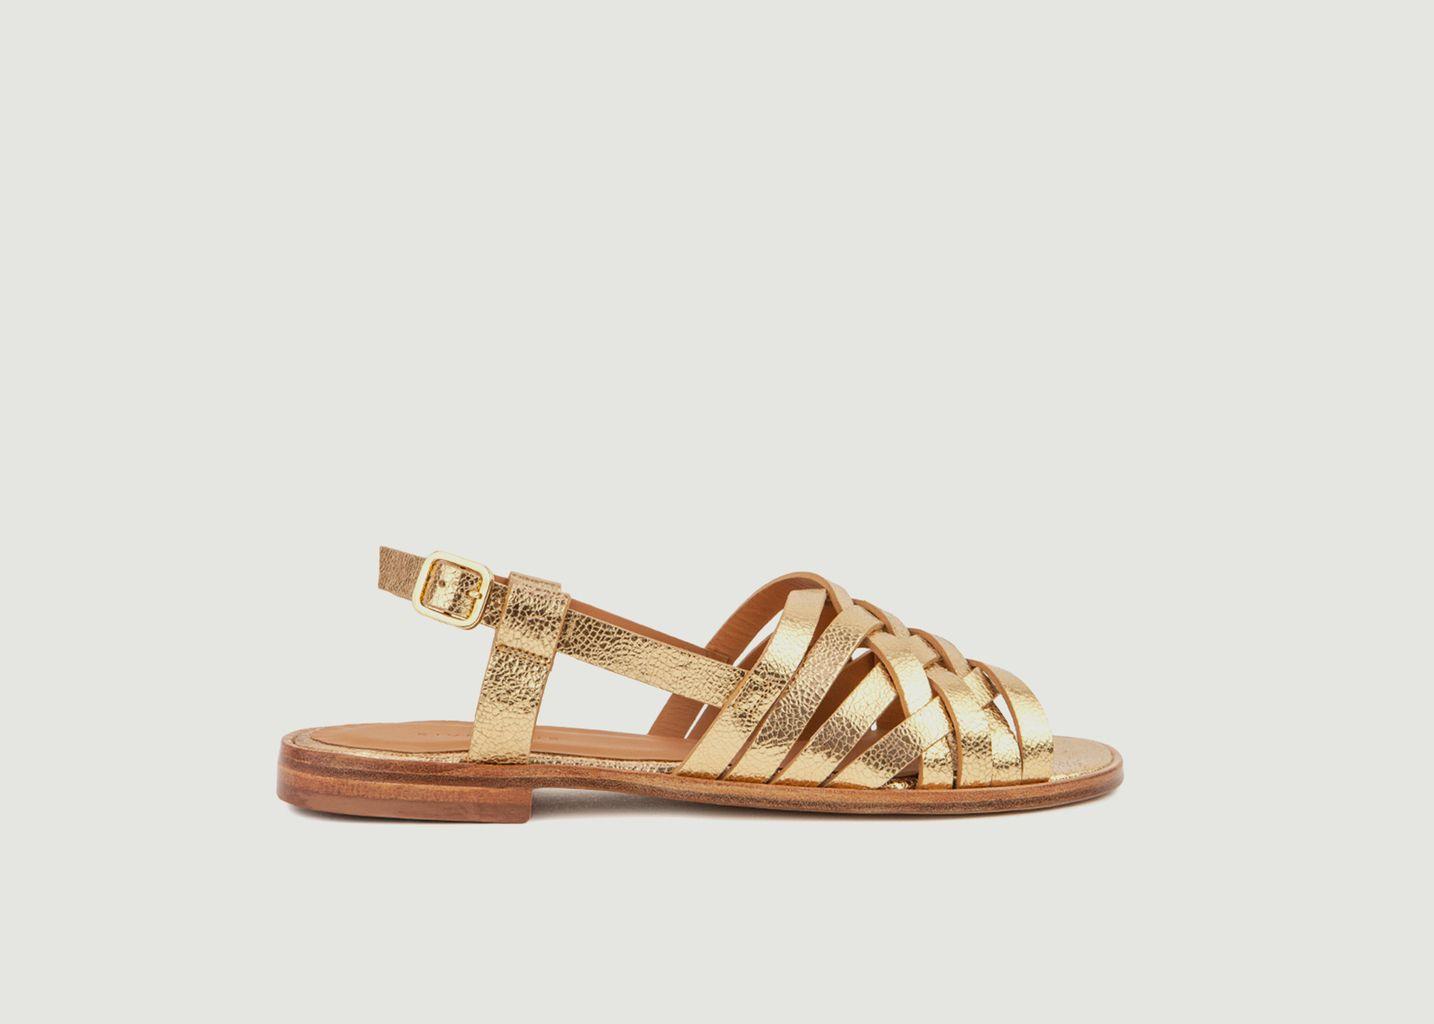 Sandales plates en cuir métallisé N°63 - Rivecour